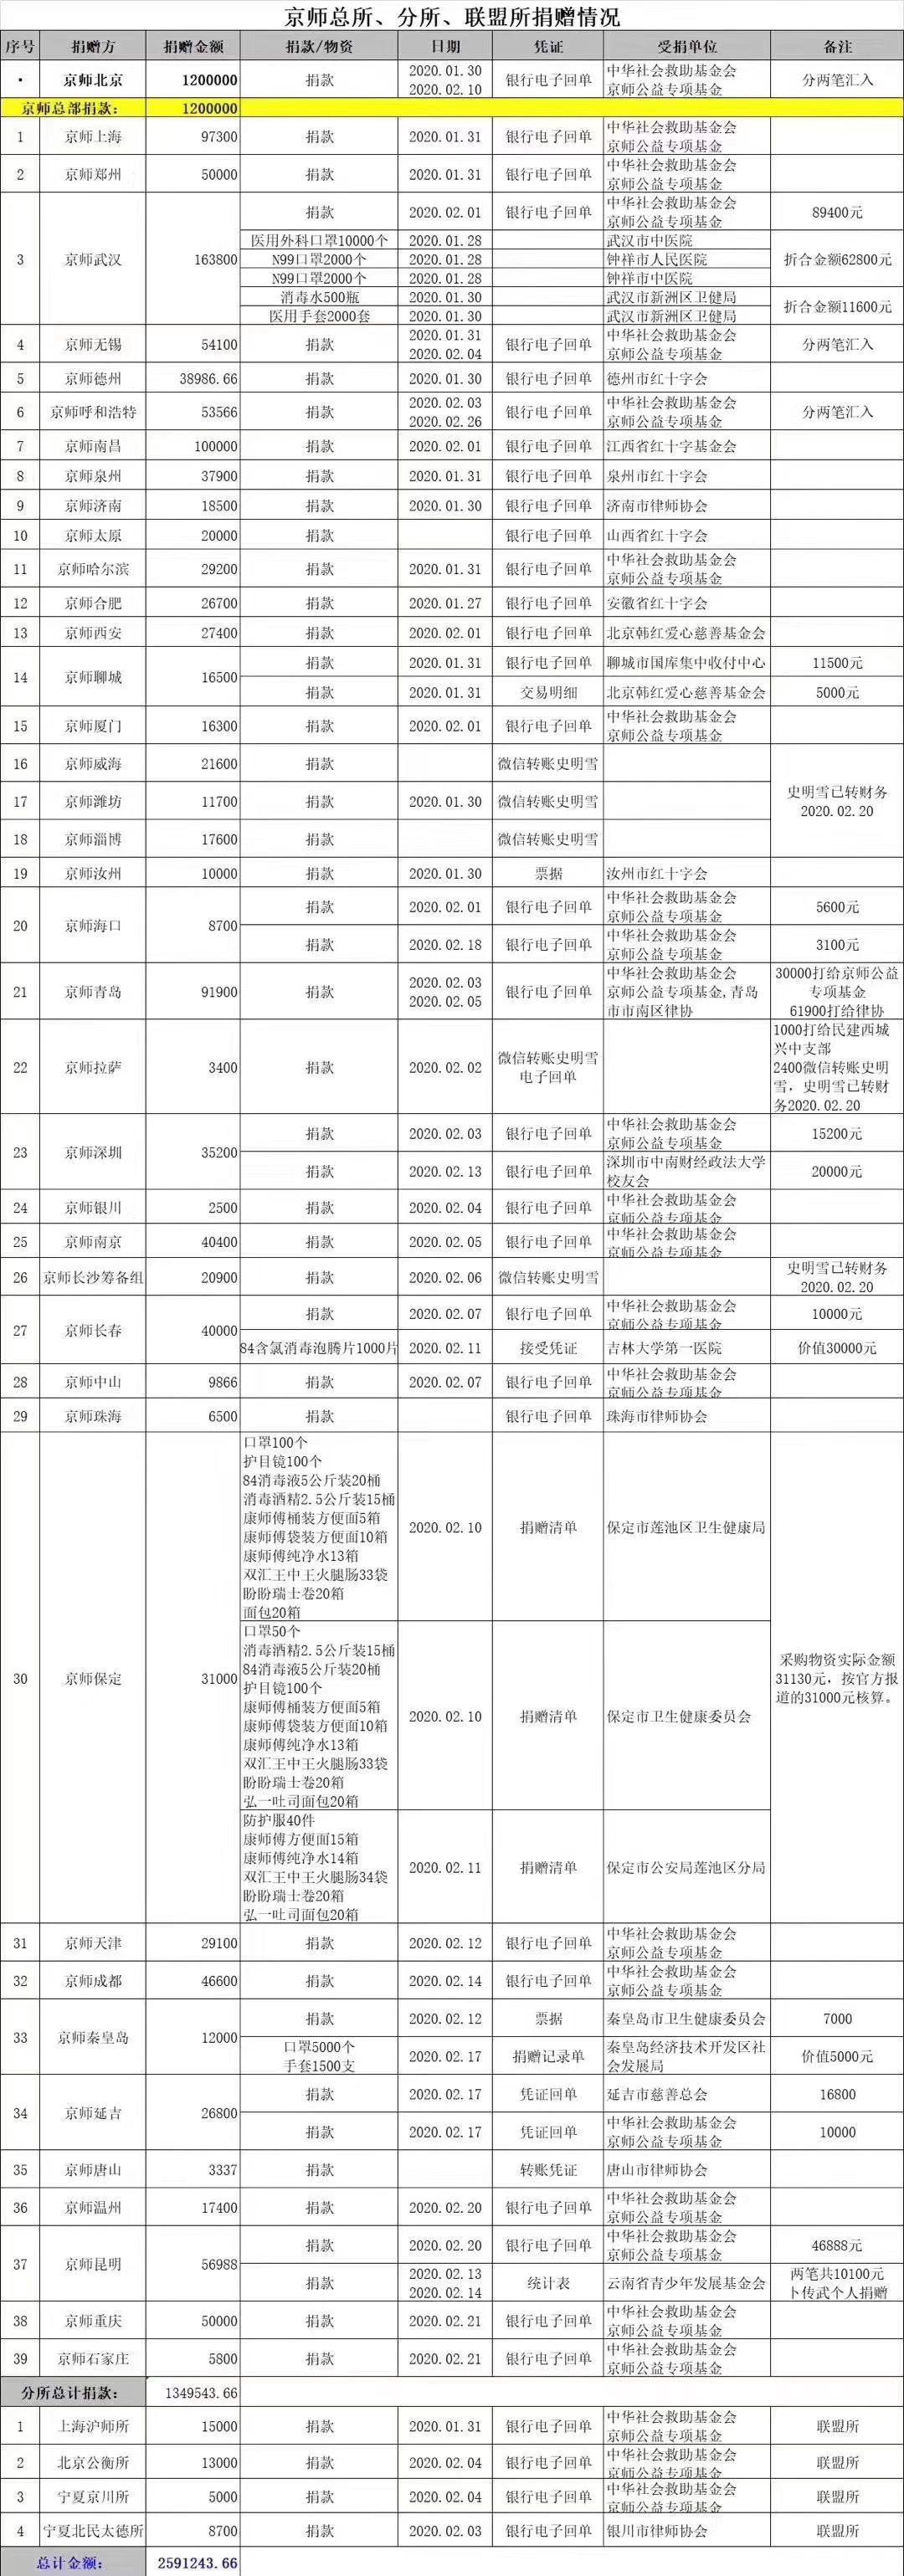 """爱心接力 共同战""""疫""""——京师昆明律所捐款人员名单"""